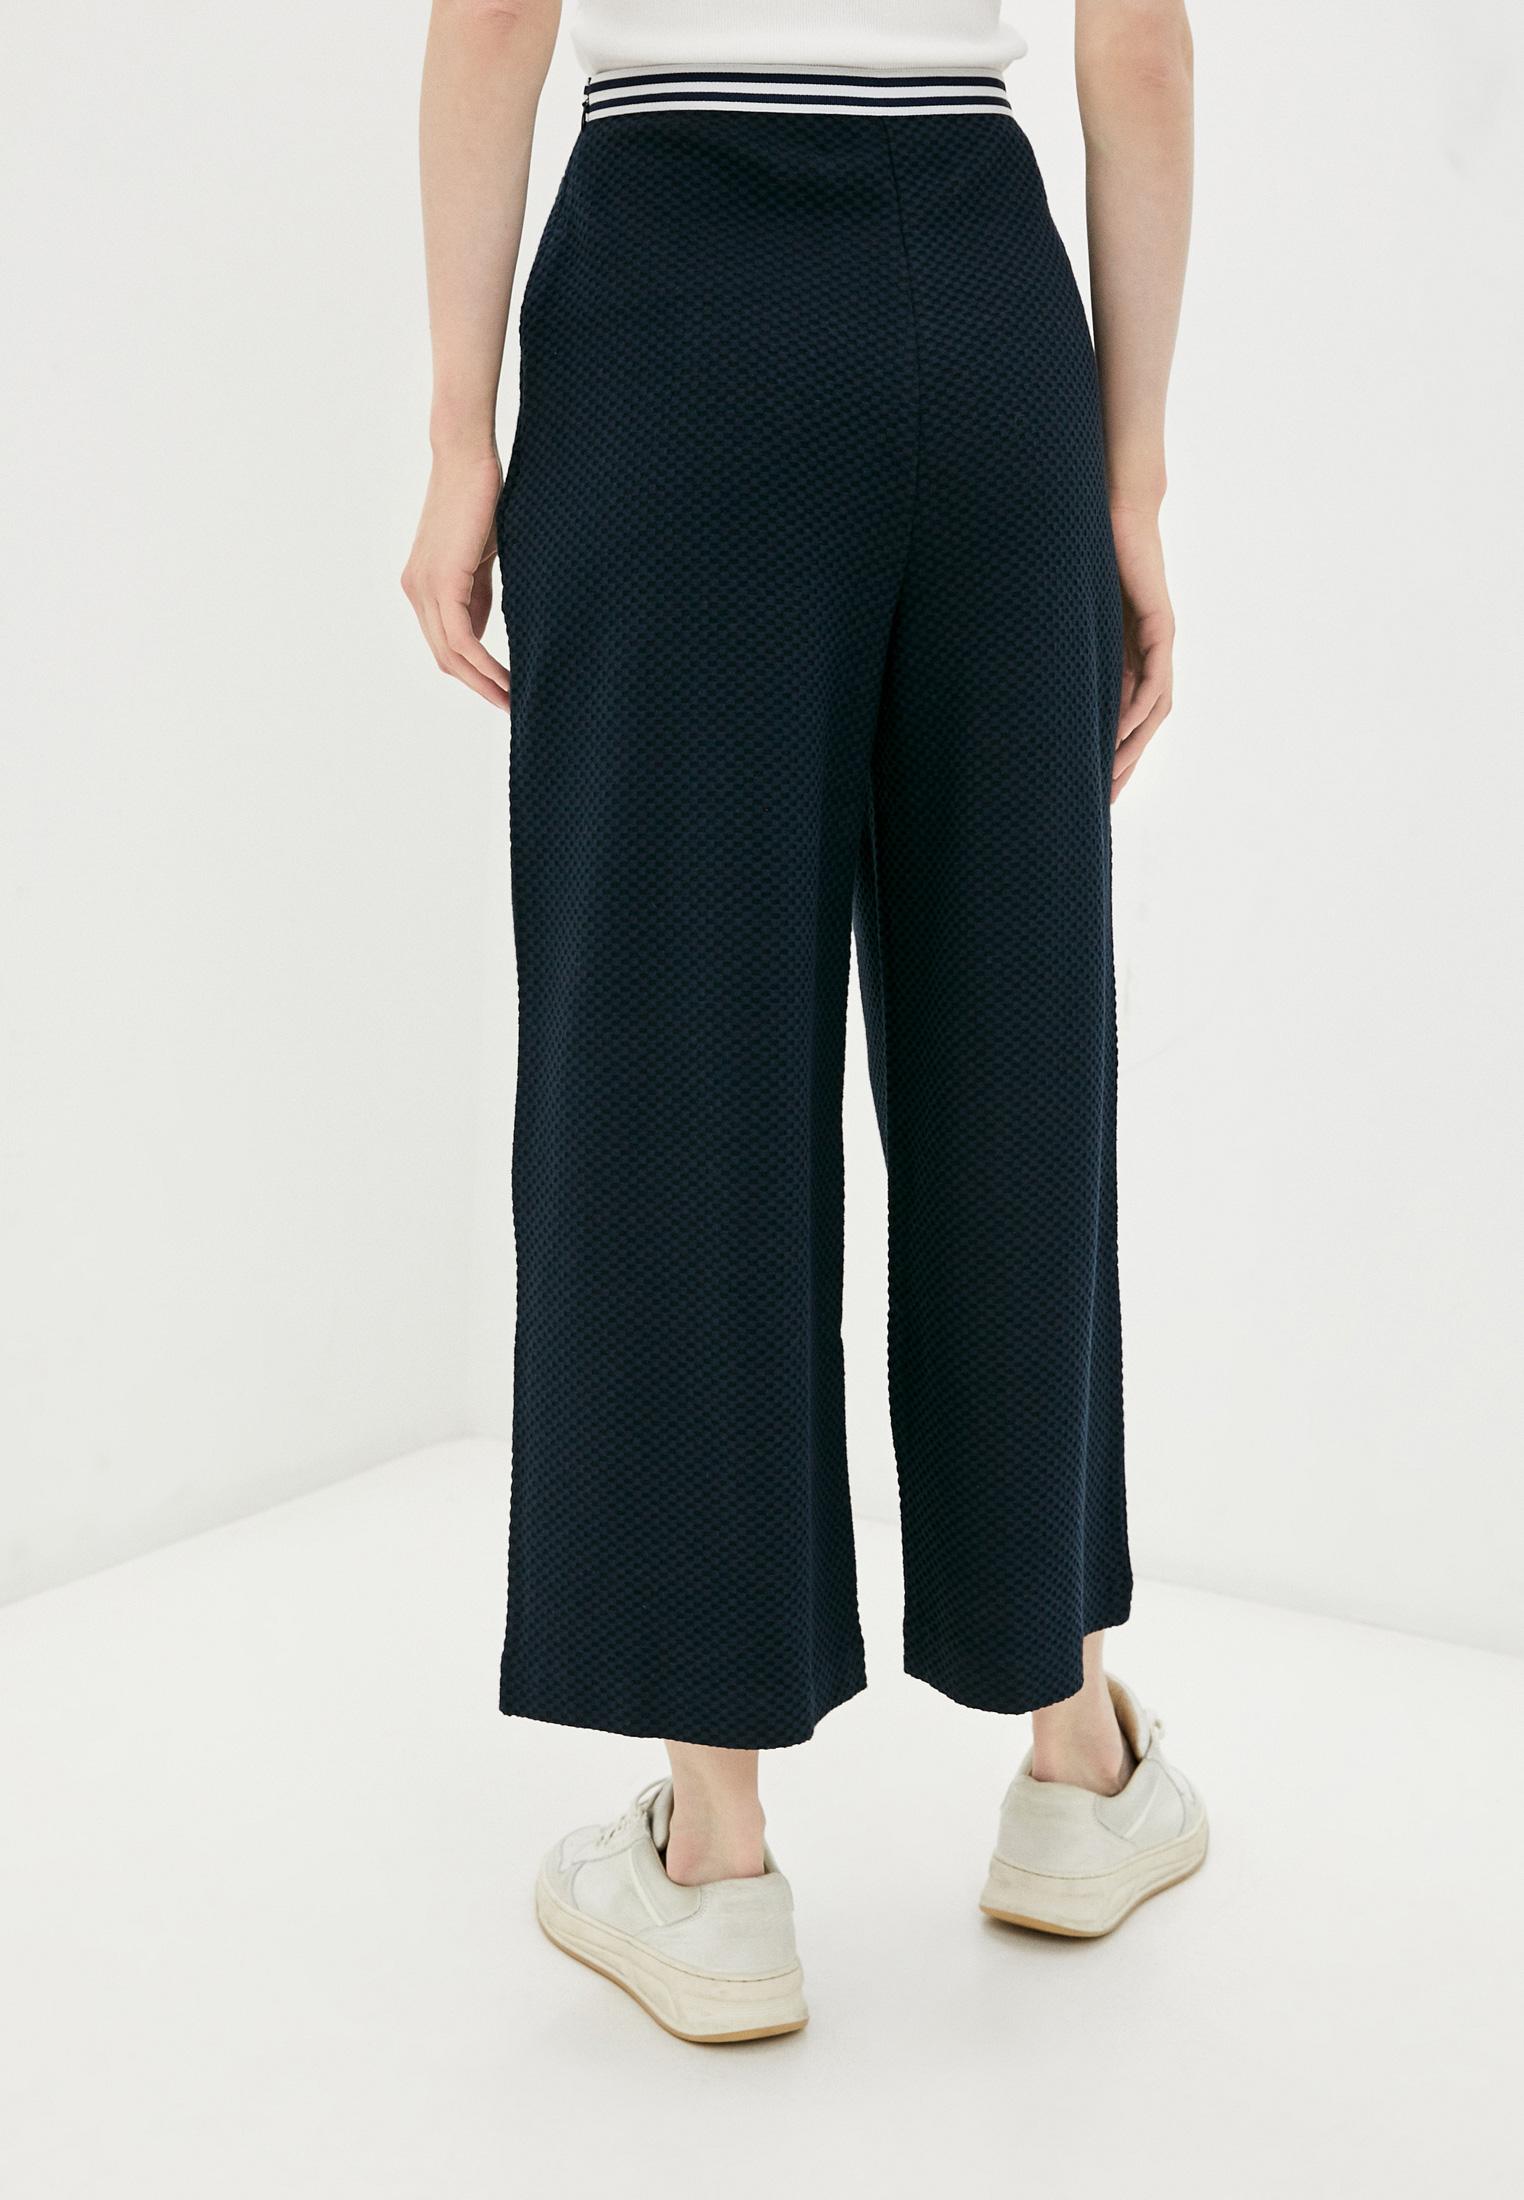 Женские широкие и расклешенные брюки Tommy Hilfiger (Томми Хилфигер) WW0WW30254: изображение 3